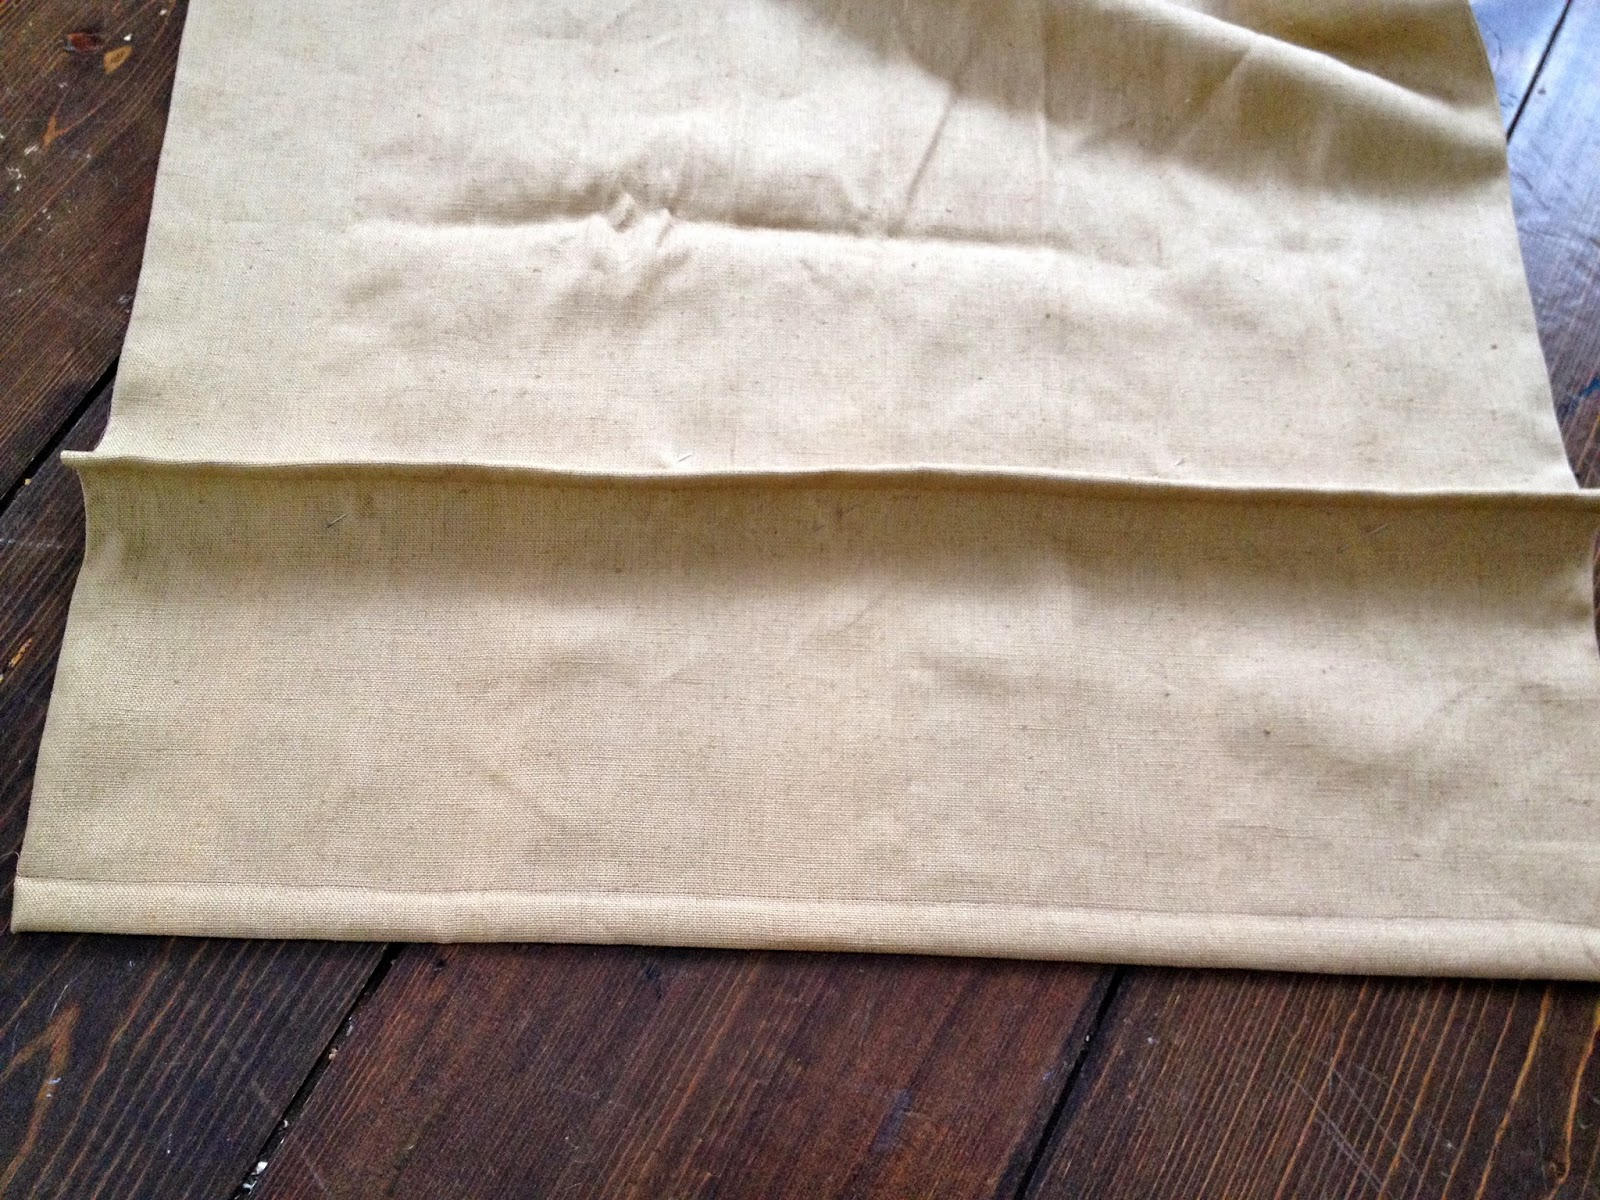 sew slot for dowel